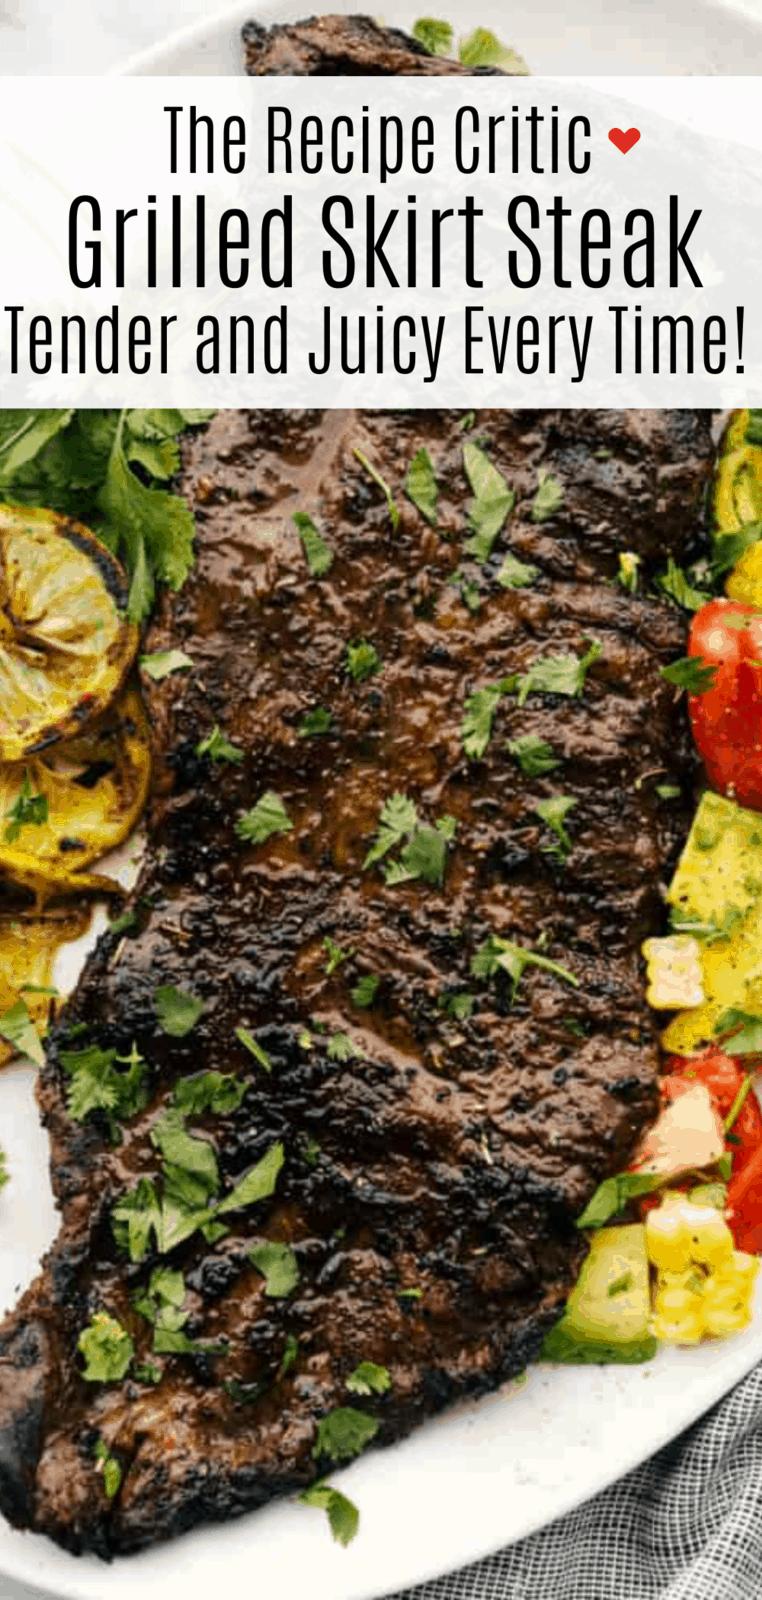 Grilled Skirt Steak